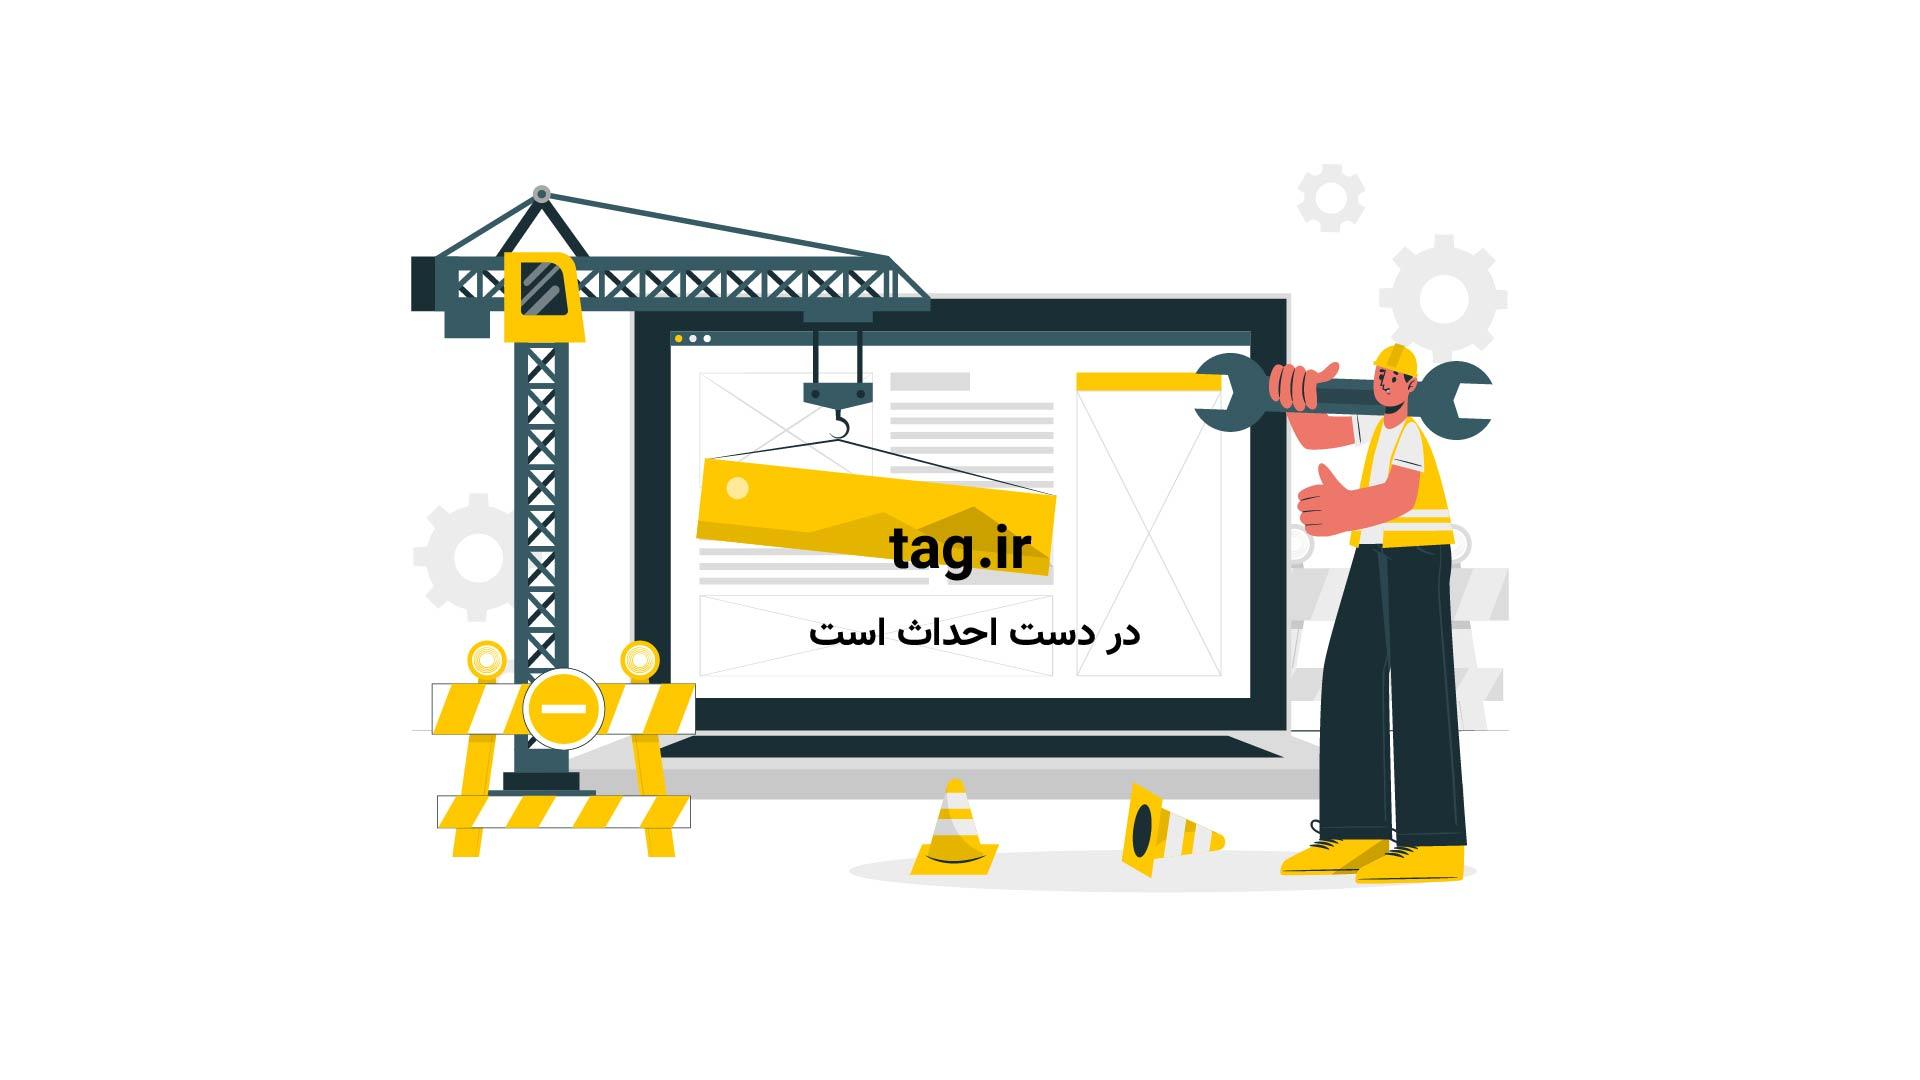 استعفای رئیس جمهور کره جنوبی، خواسته اصلی تظاهرکنندگان | فیلم